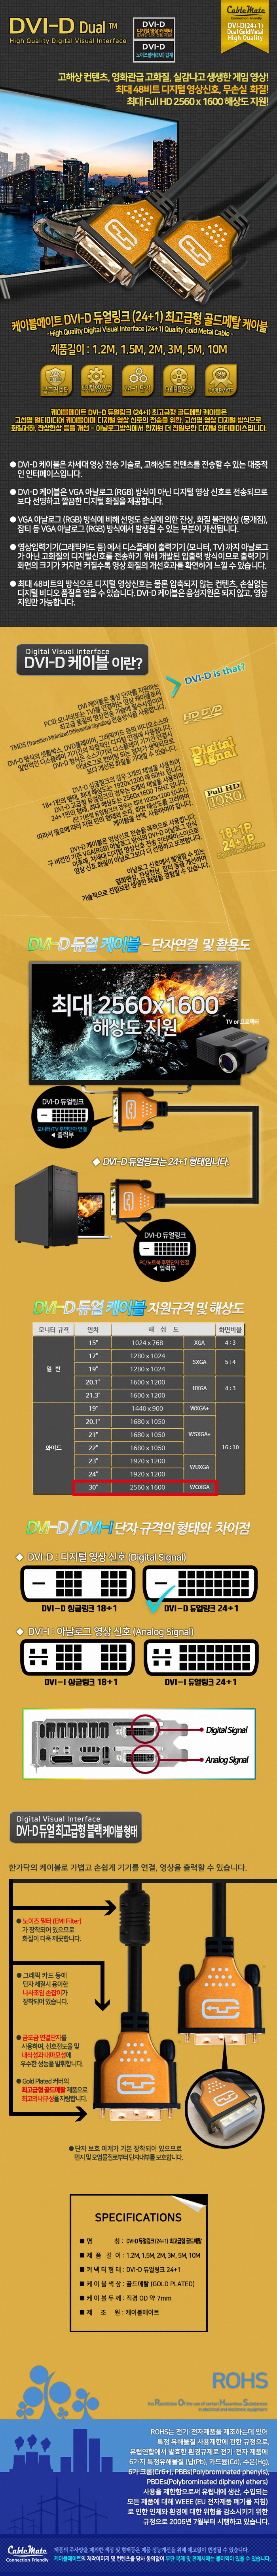 CABLEMATE DVI-D 듀얼링크 (24+1M/24+1M) 최고급형 골드메탈 케이블 (5m)